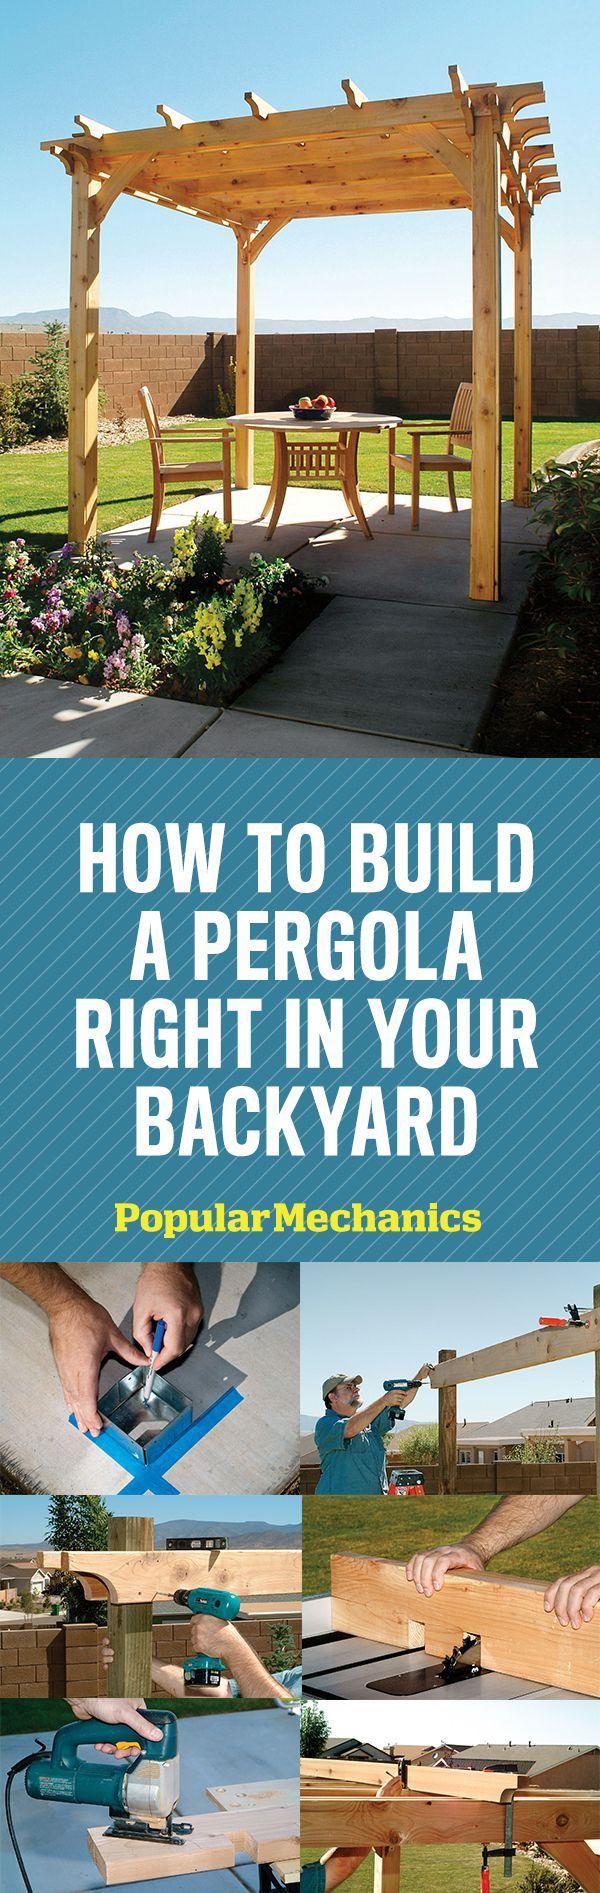 Pergola Plans:  How to Build Your Own Pergola